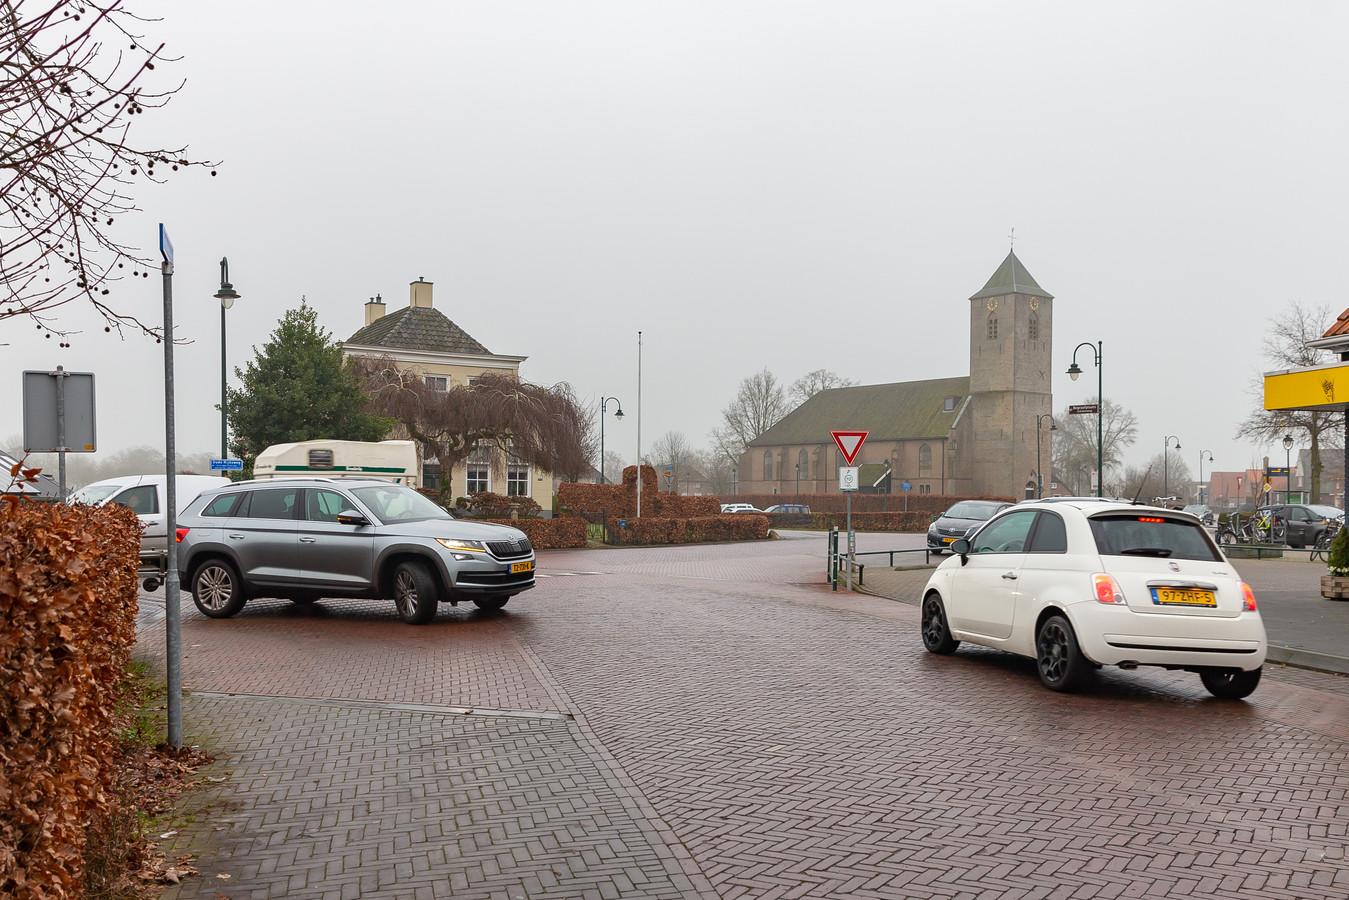 Kruising Oude Rijksweg met Scholenland. Gezien vanaf Scholenland richting Scholenweg. Archieffoto